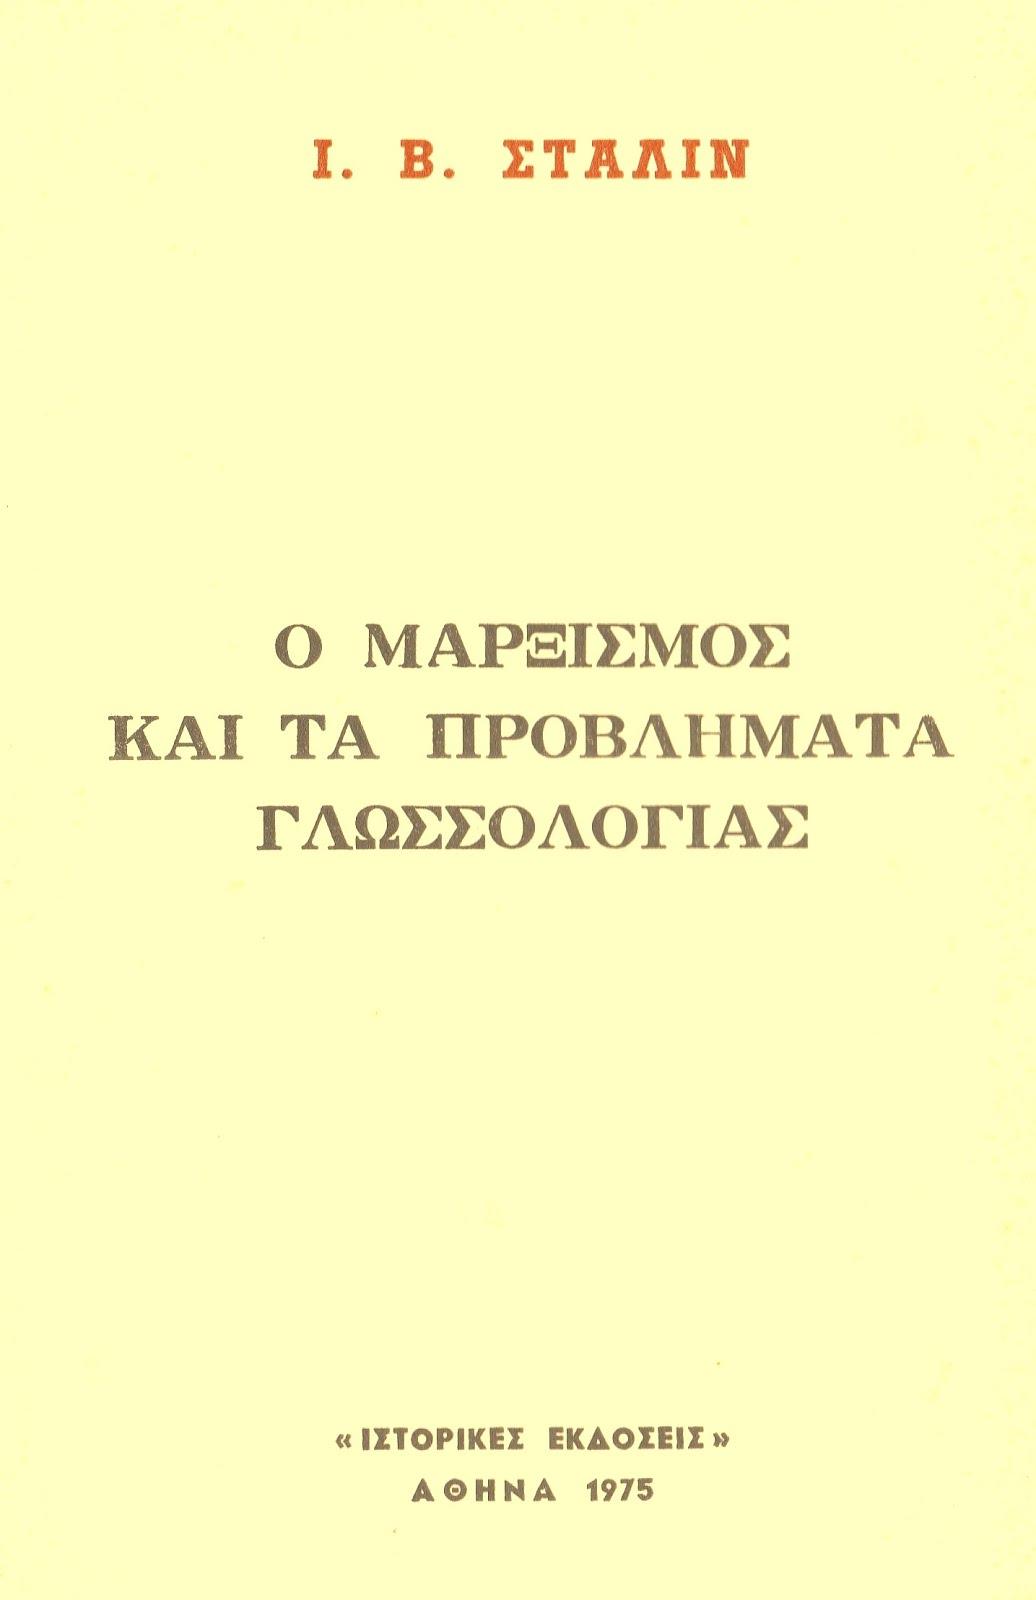 Ο ΜΑΡΞΙΣΜΟΣ ΚΑΙ ΤΑ ΠΡΟΒΛΗΜΑΤΑ ΓΛΩΣΣΟΛΟΓΙΑΣ - Ι.Β. ΣΤΑΛΙΝ